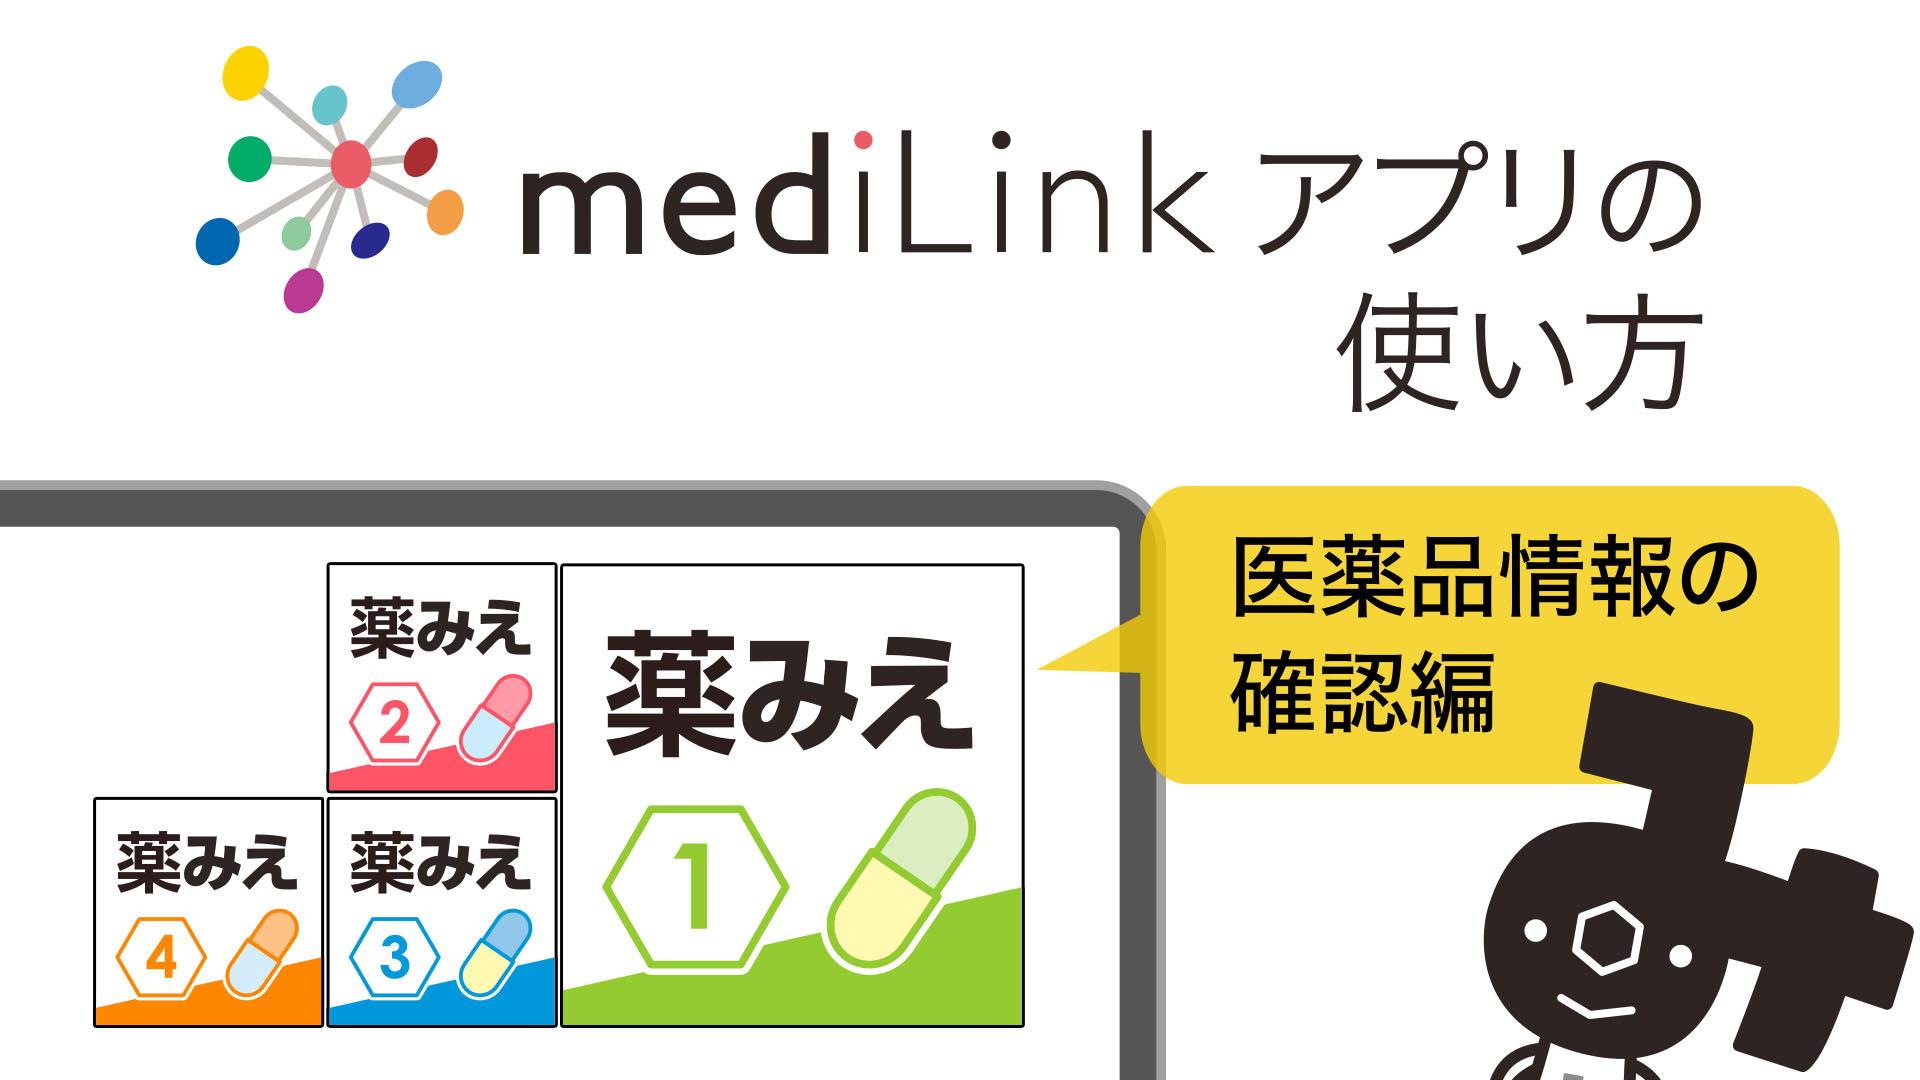 mediLink版『薬がみえるvol.1(第2版)』リリース記念!アプリ版の機能を動画でご紹介!